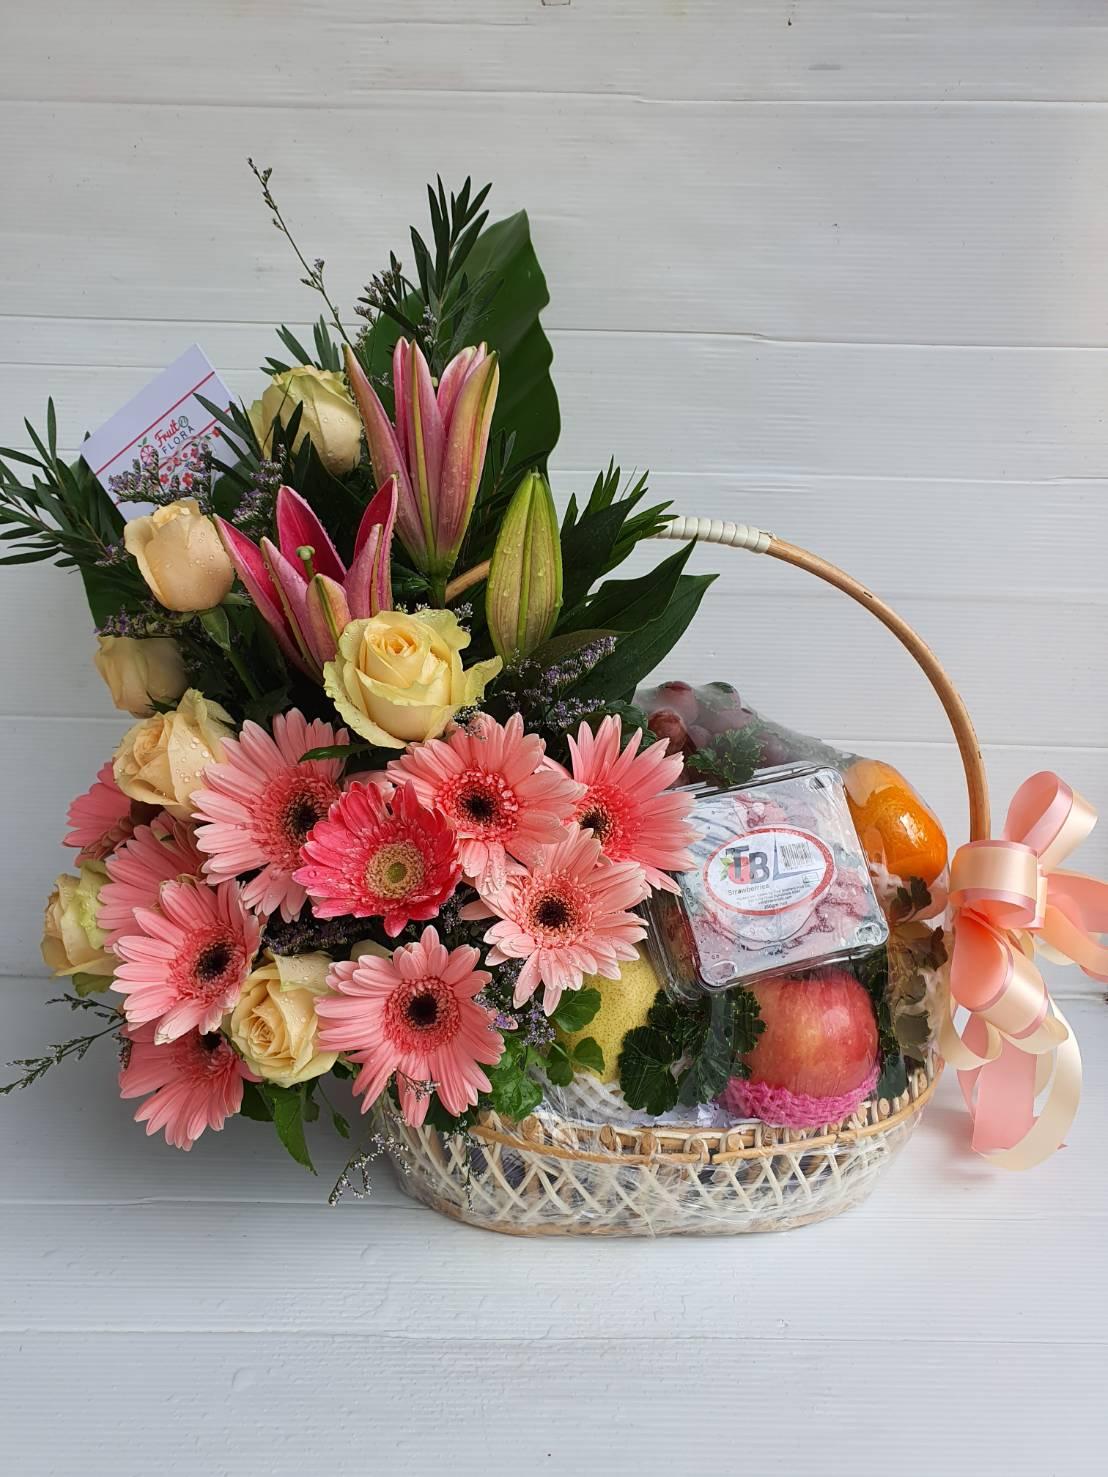 กระเช้าผลไม้ตามฤดูกาล เน้นโทนสีชมพูอ่อนหวานด้วยดอกไม้เกรดเอค่ะ